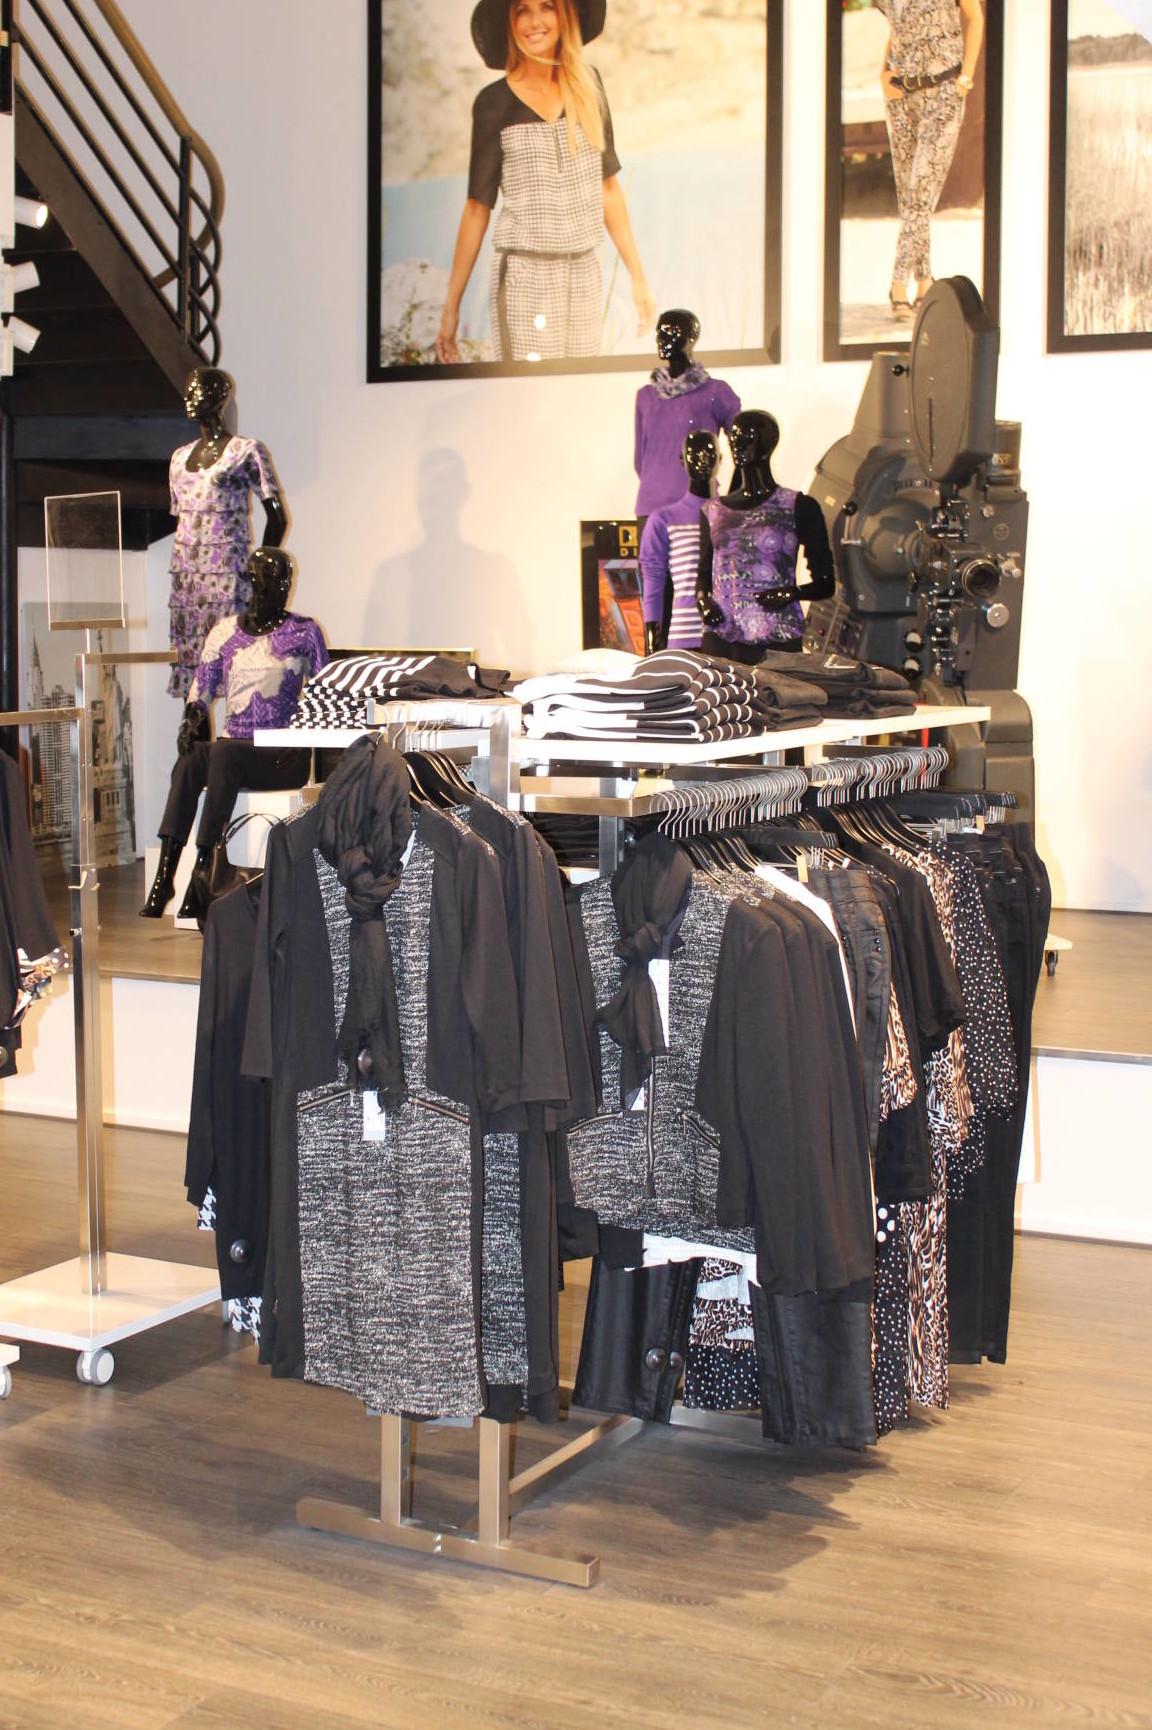 stativ til tøj kan leveres med hylder i alle farver, ophæng og fronthæng. Butiksinventar